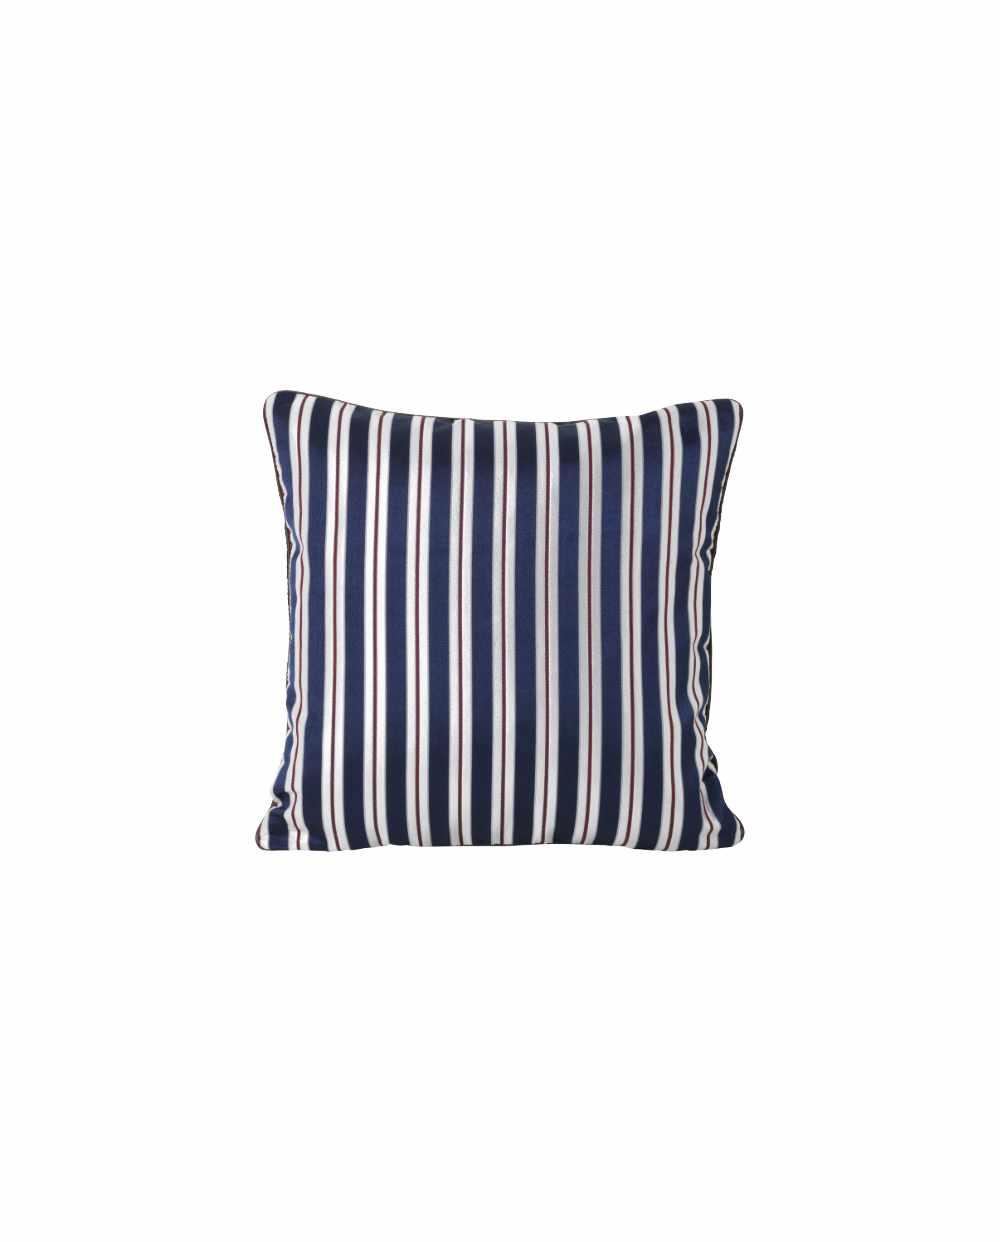 ferm Living Salon Cushion Pinstripe 7489 01